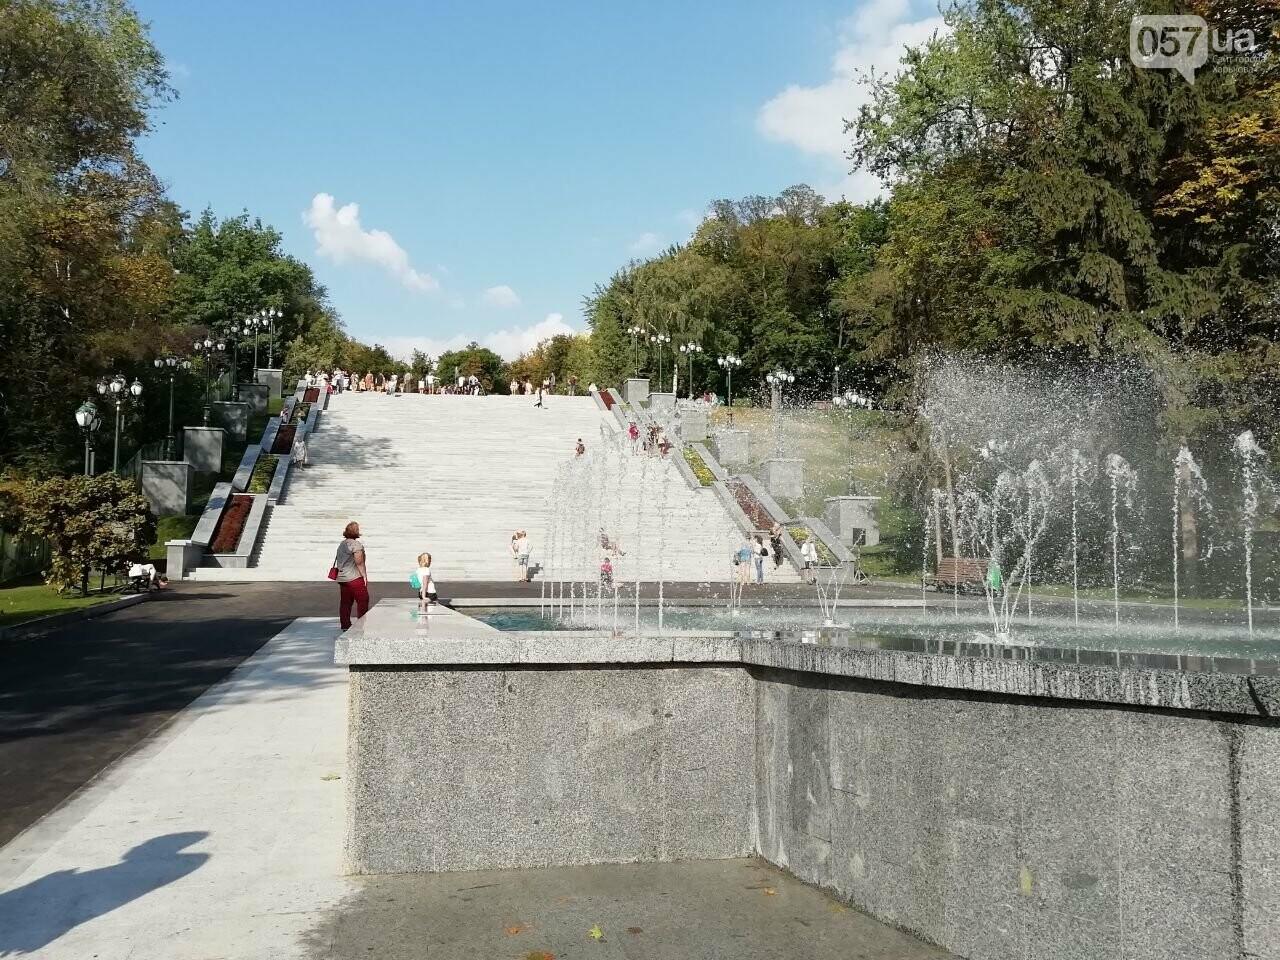 В центре Харькова появился новый фонтан и «Каскад» после реконструкции, - ФОТО, фото-15